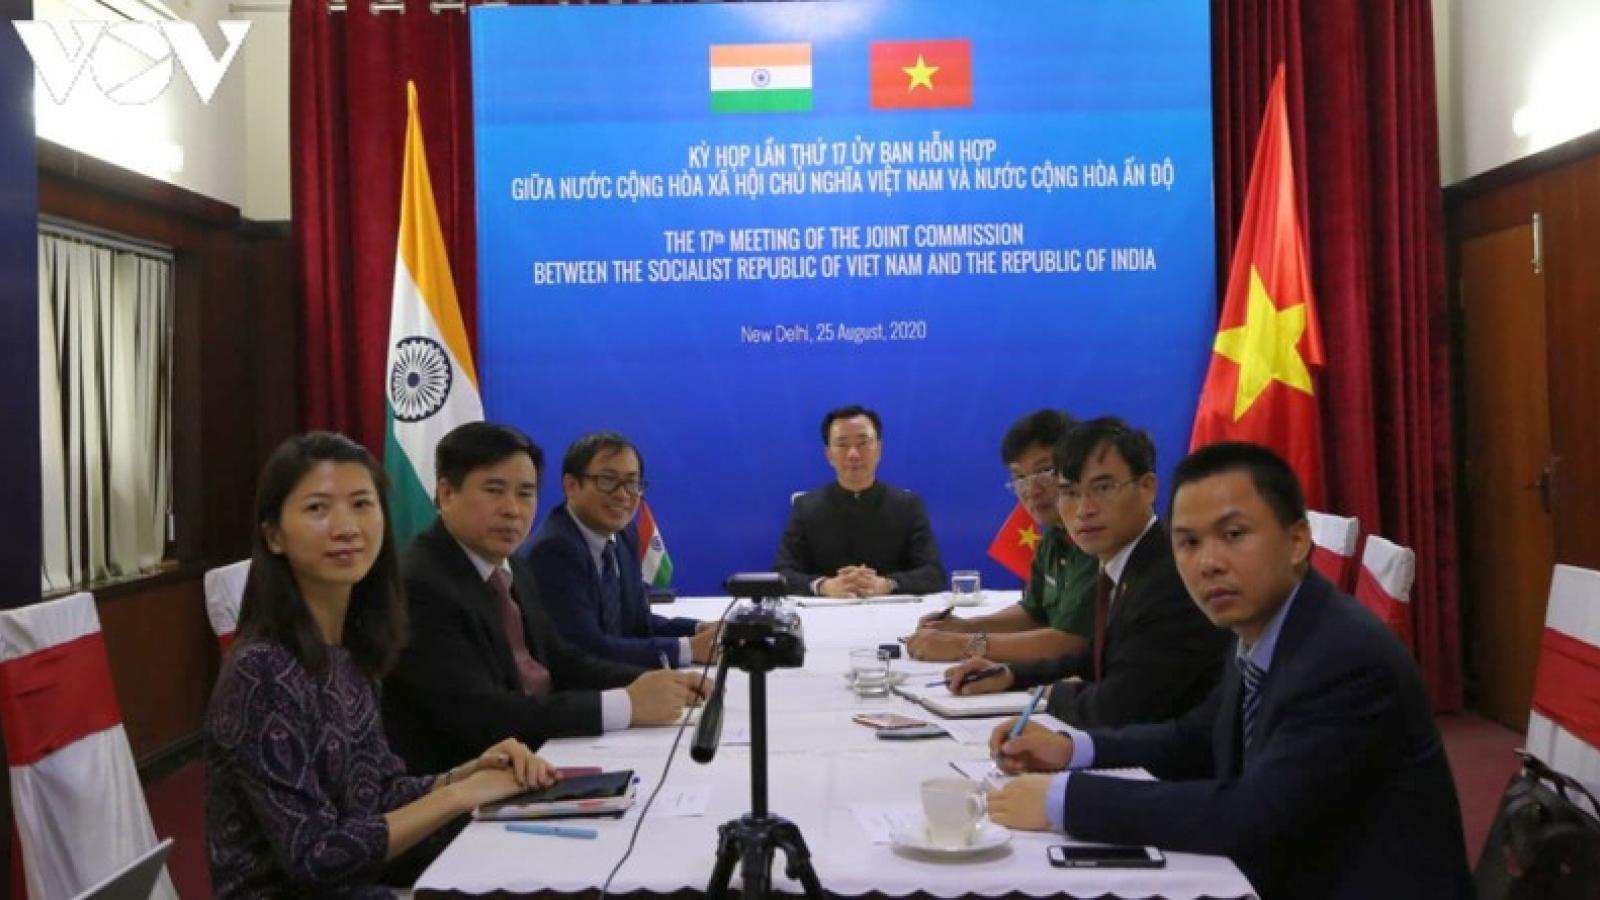 Việt Nam- Ấn Độ thúc đẩy hợp tác kinh tế, thương mại, khoa học và kỹ thuật